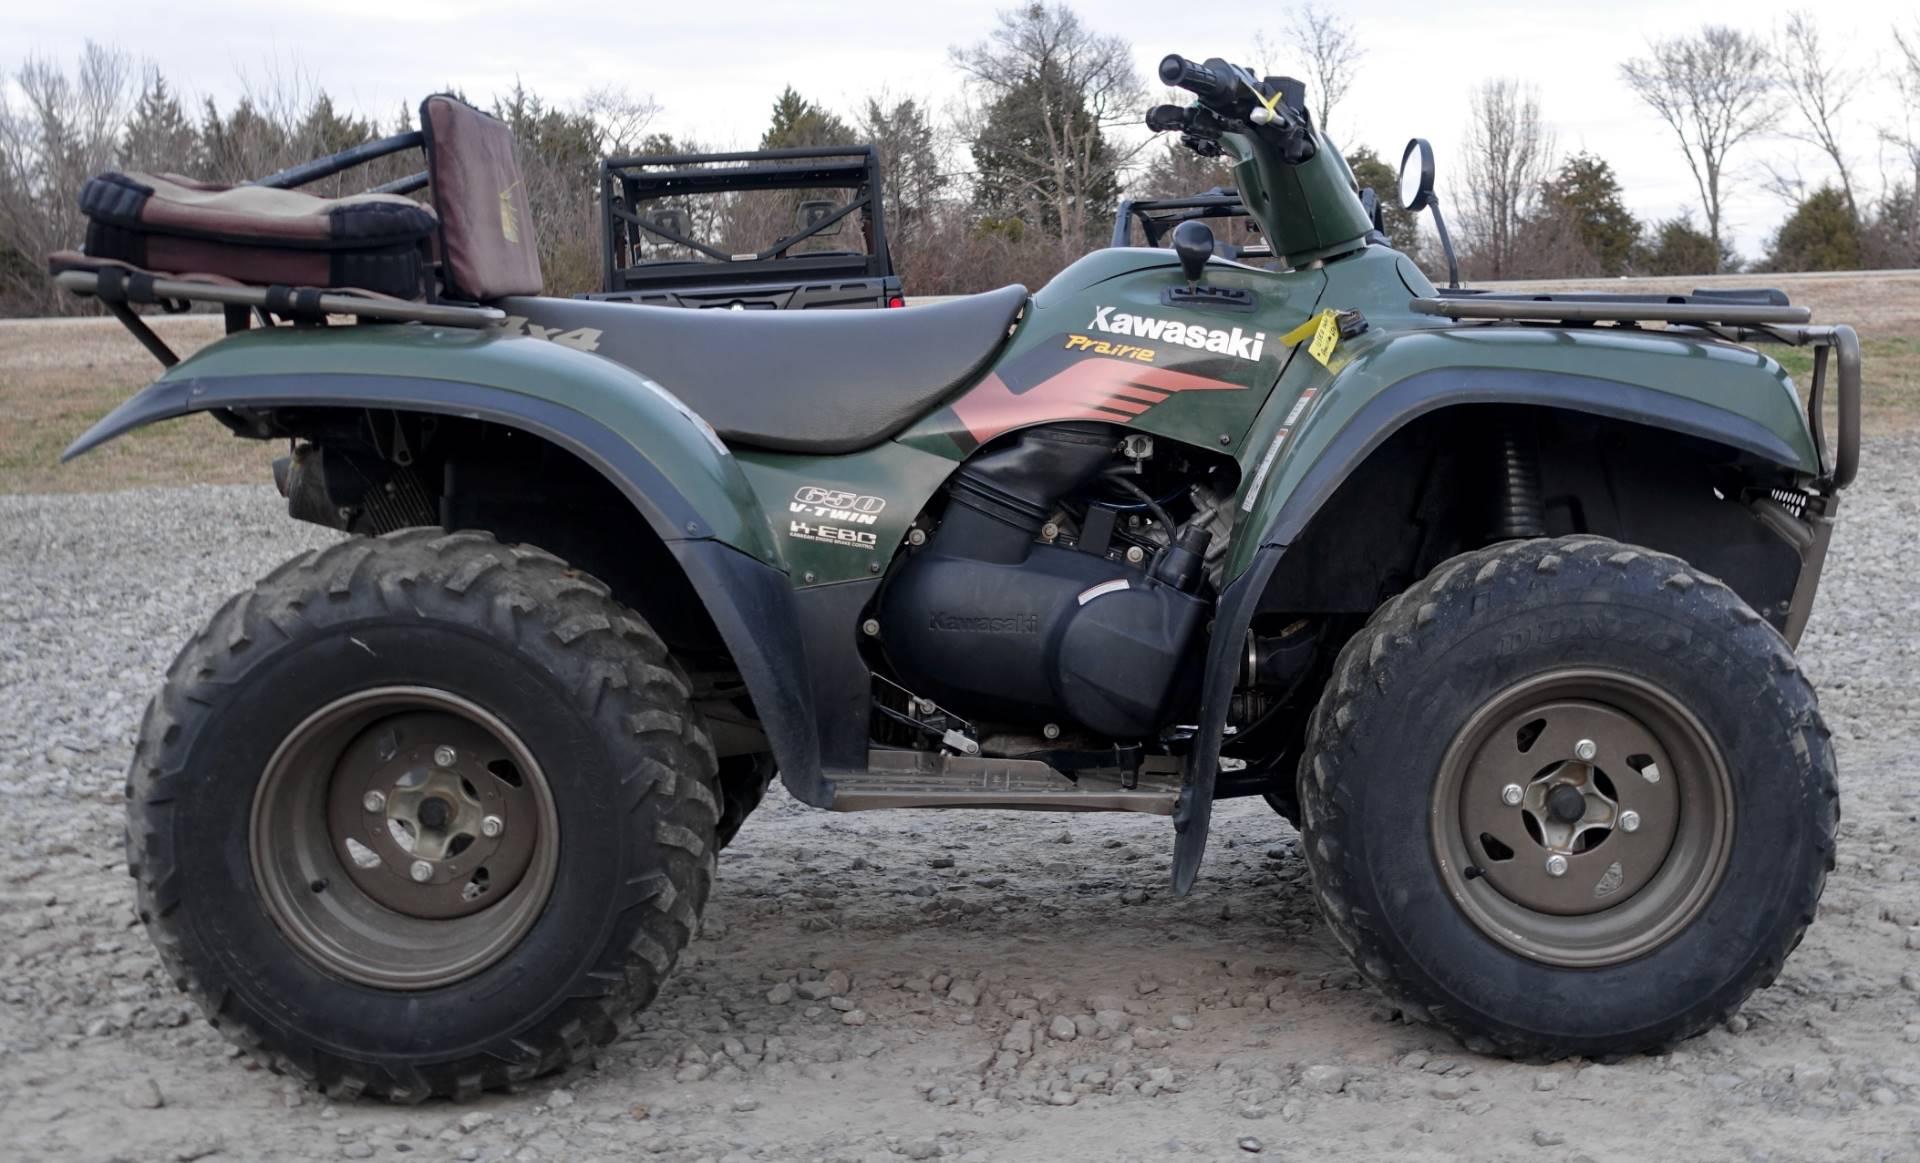 2002 Prairie 650 4x4